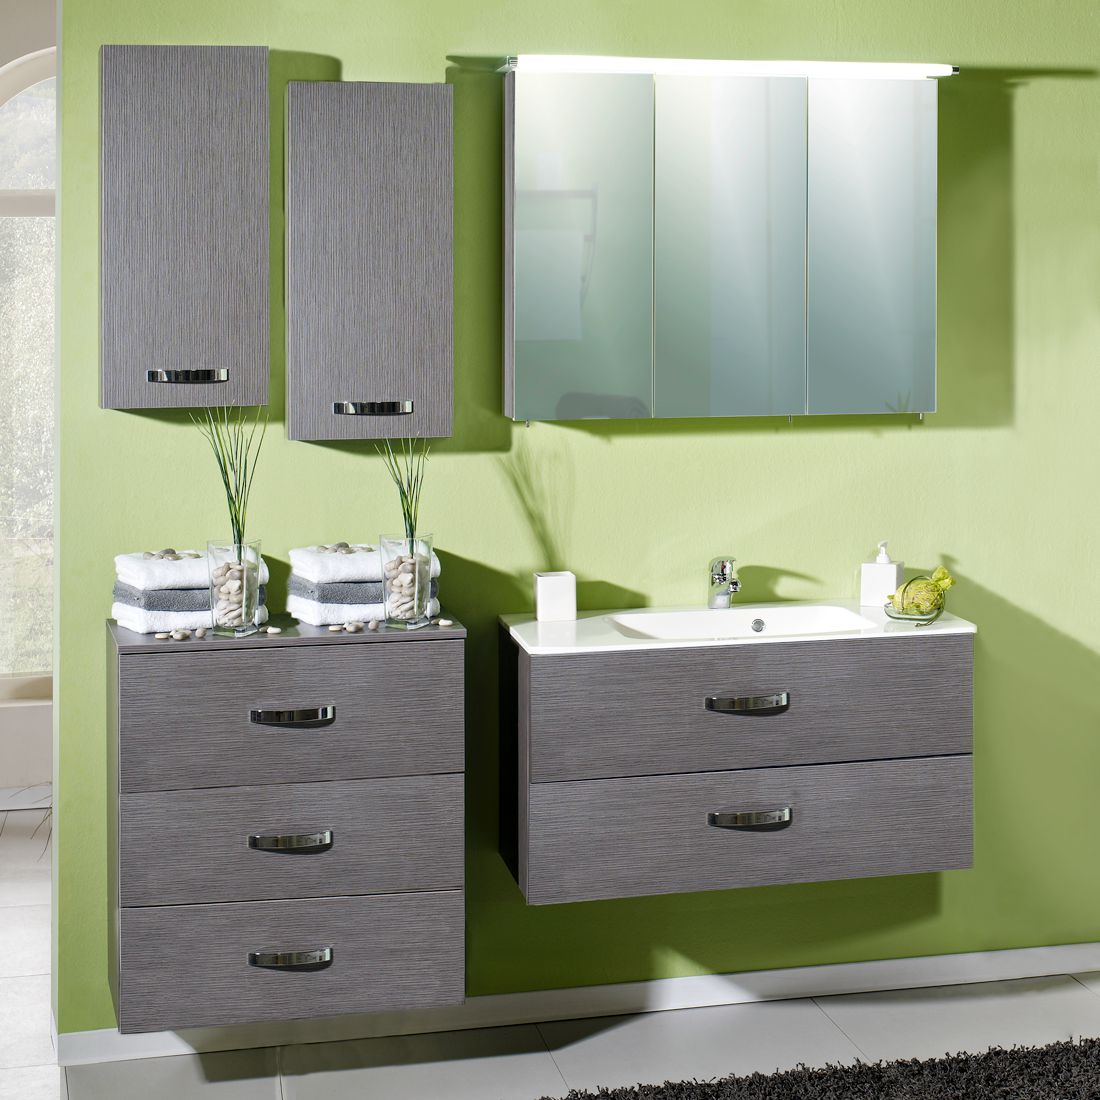 Badezimmerset Villian (5-teilig) – Esch Grau Dekor, Giessbach jetzt bestellen